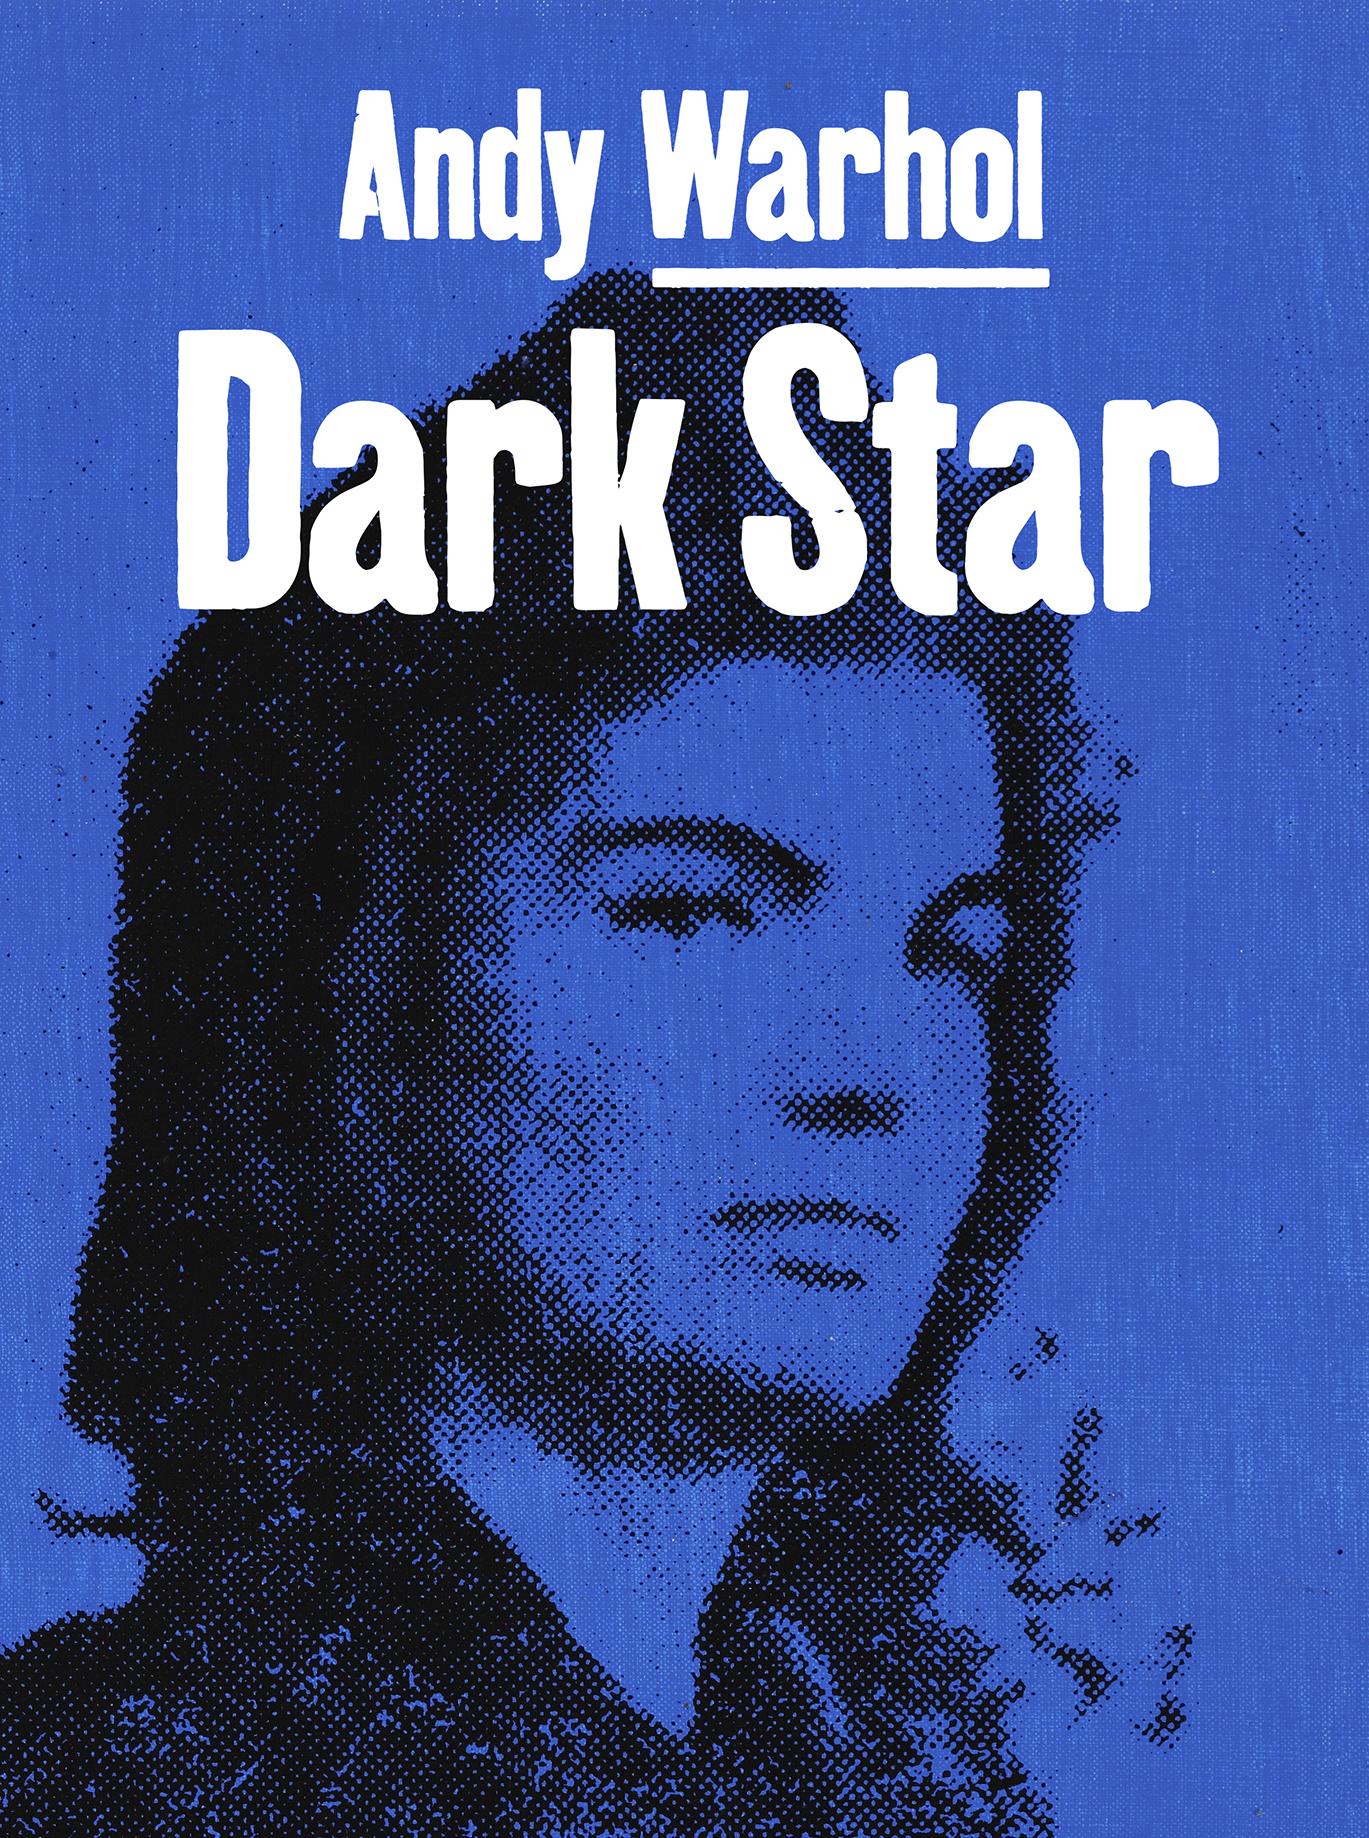 Resultado de imagen para andy warhol estrella oscura